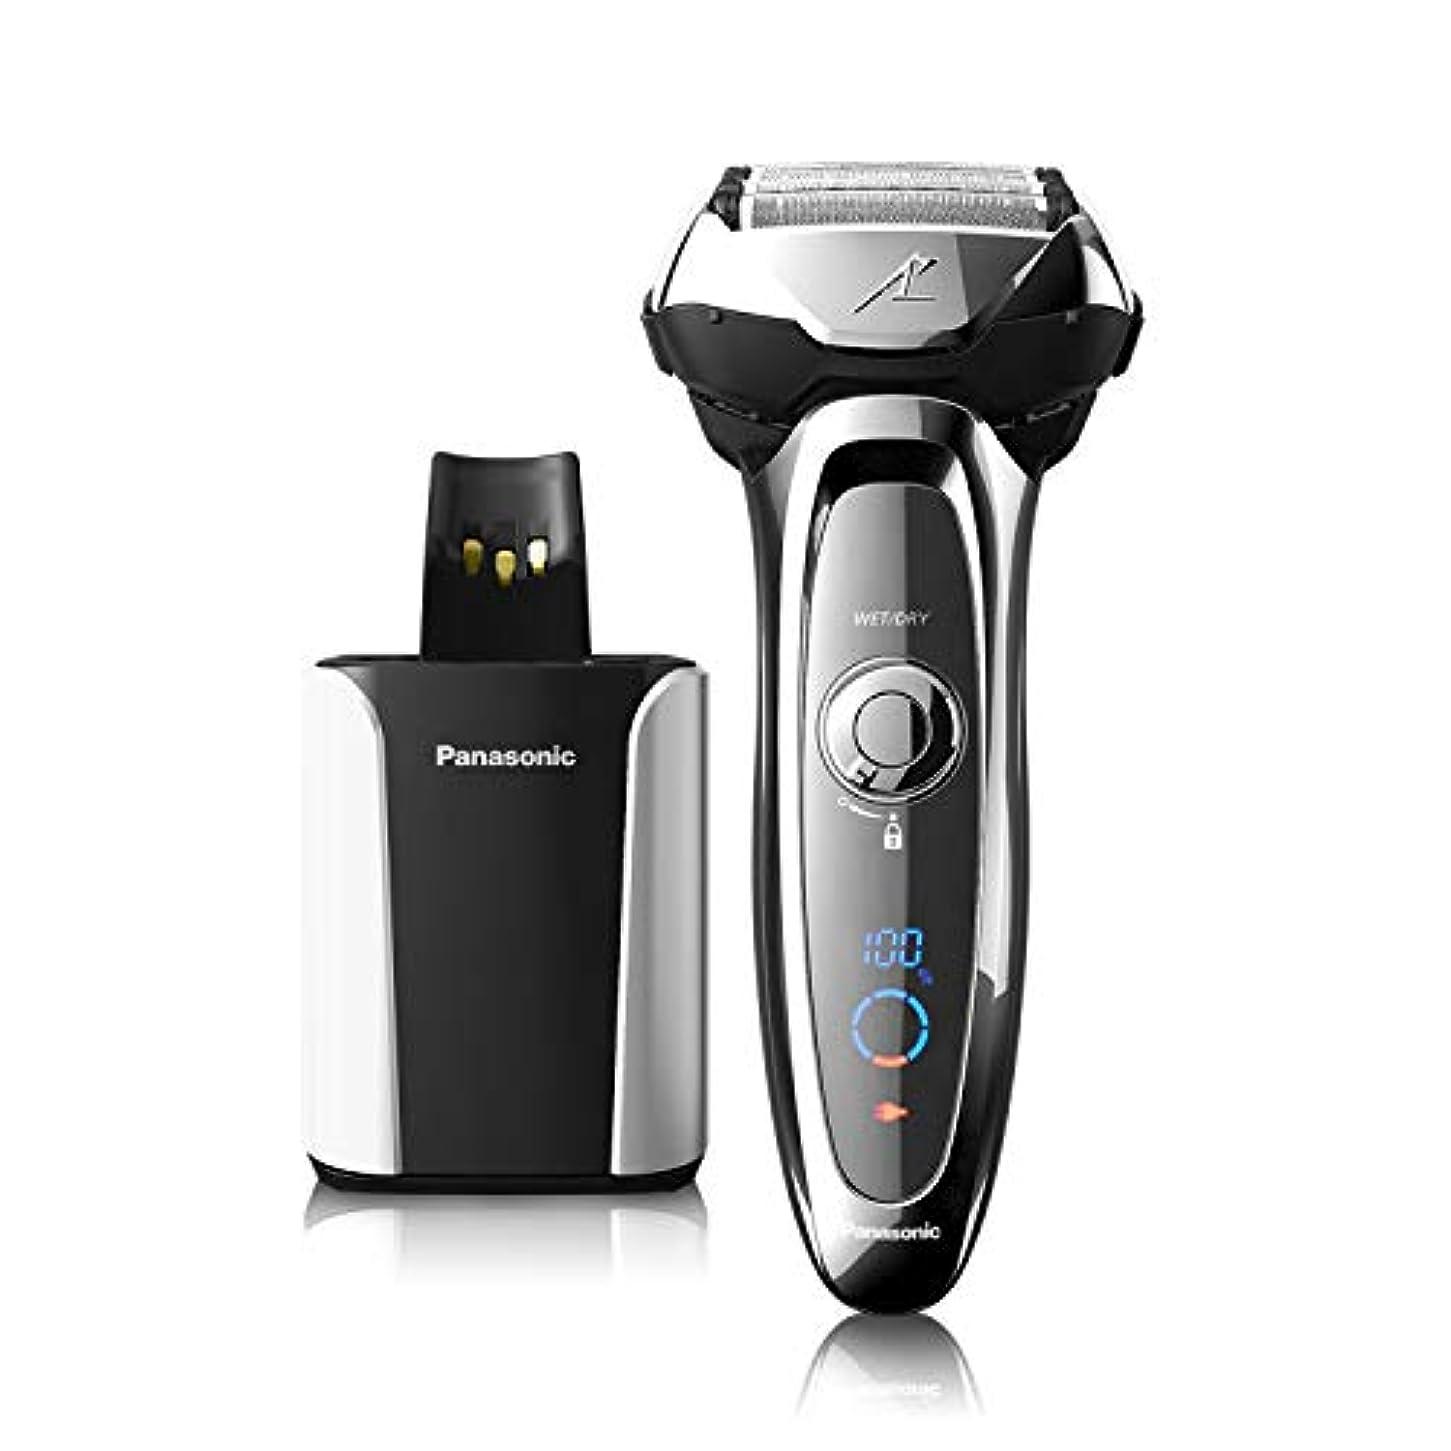 レガシーピラミッドシャイPanasonic ES-LV95-S Arc5 Wet/Dry Shaver with Cleaning and Charging System(US Version, Imported)